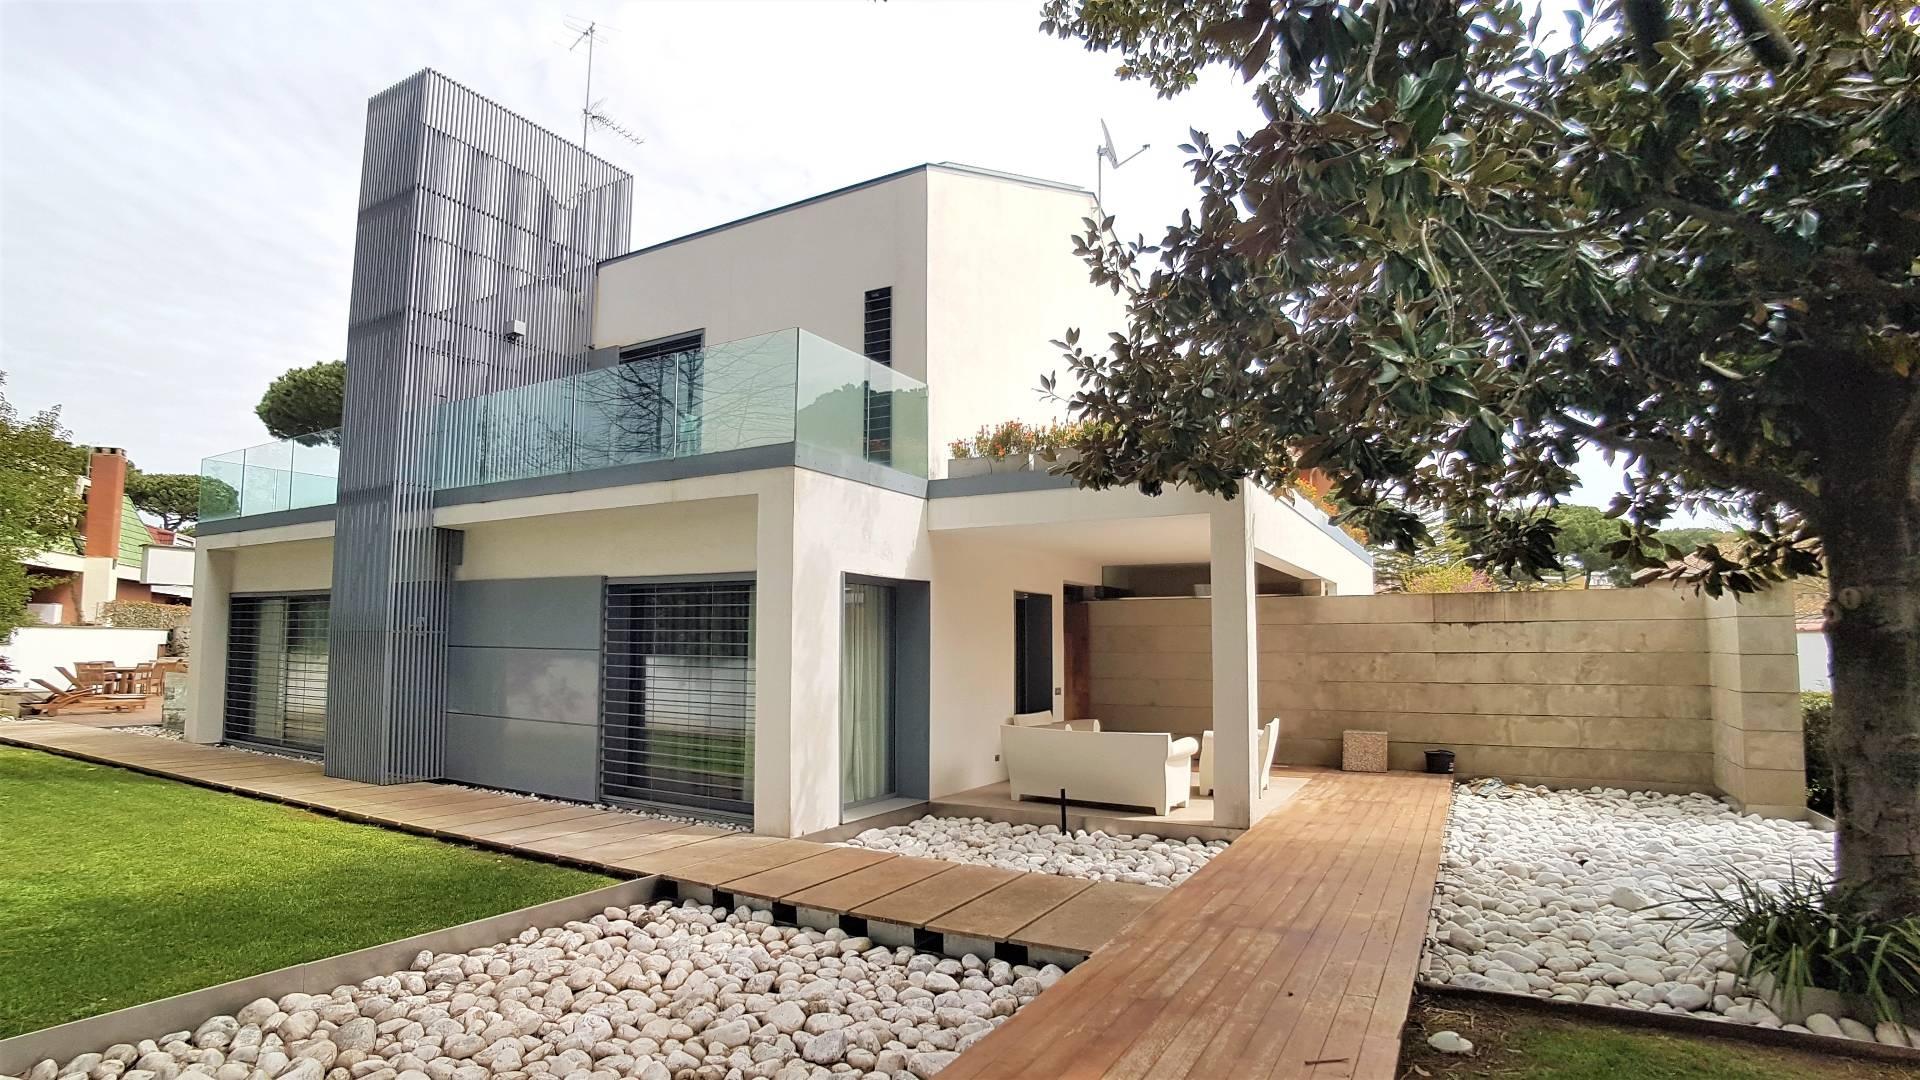 Cbi075 lpescarb villa singola in affitto a roma for Affitto cabina charlottesville va